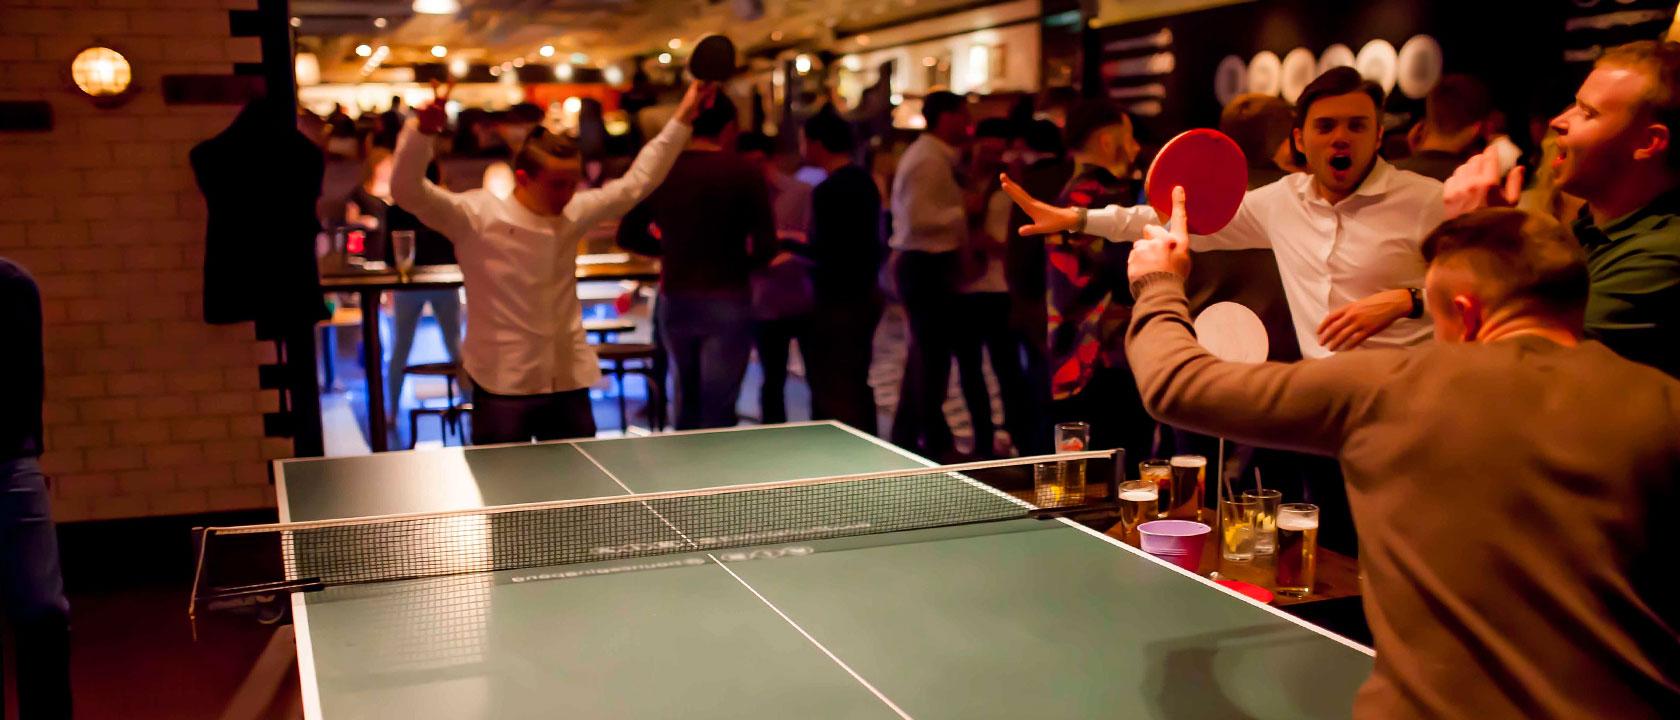 Mesa de ping pong ideas de decoraci n para un bar o pub for Mesa ping pong carrefour